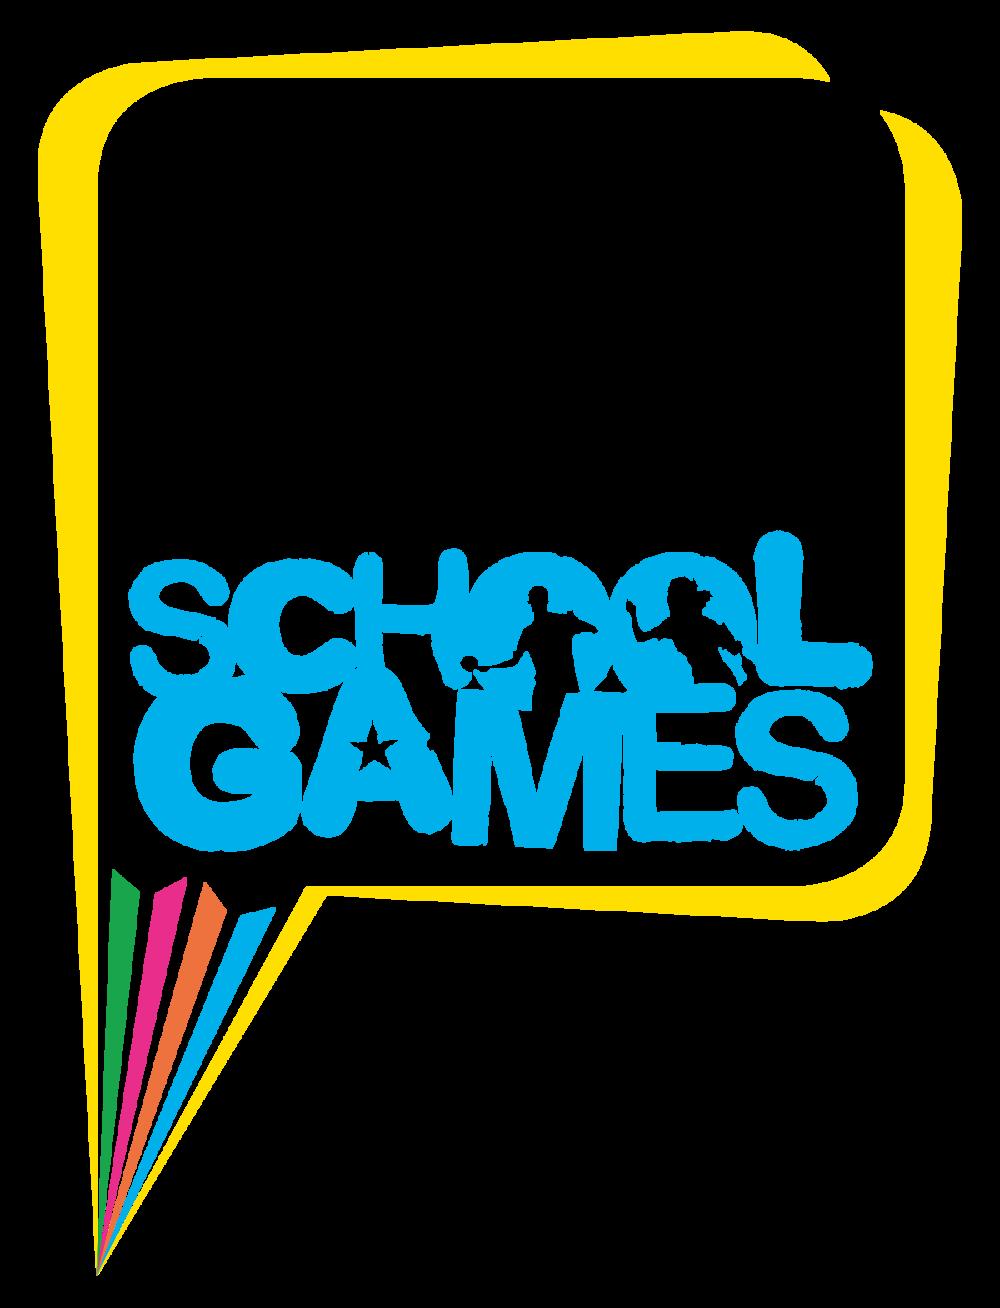 School-Games-L1-3-2015-logo-no-sponsor-rgb.png